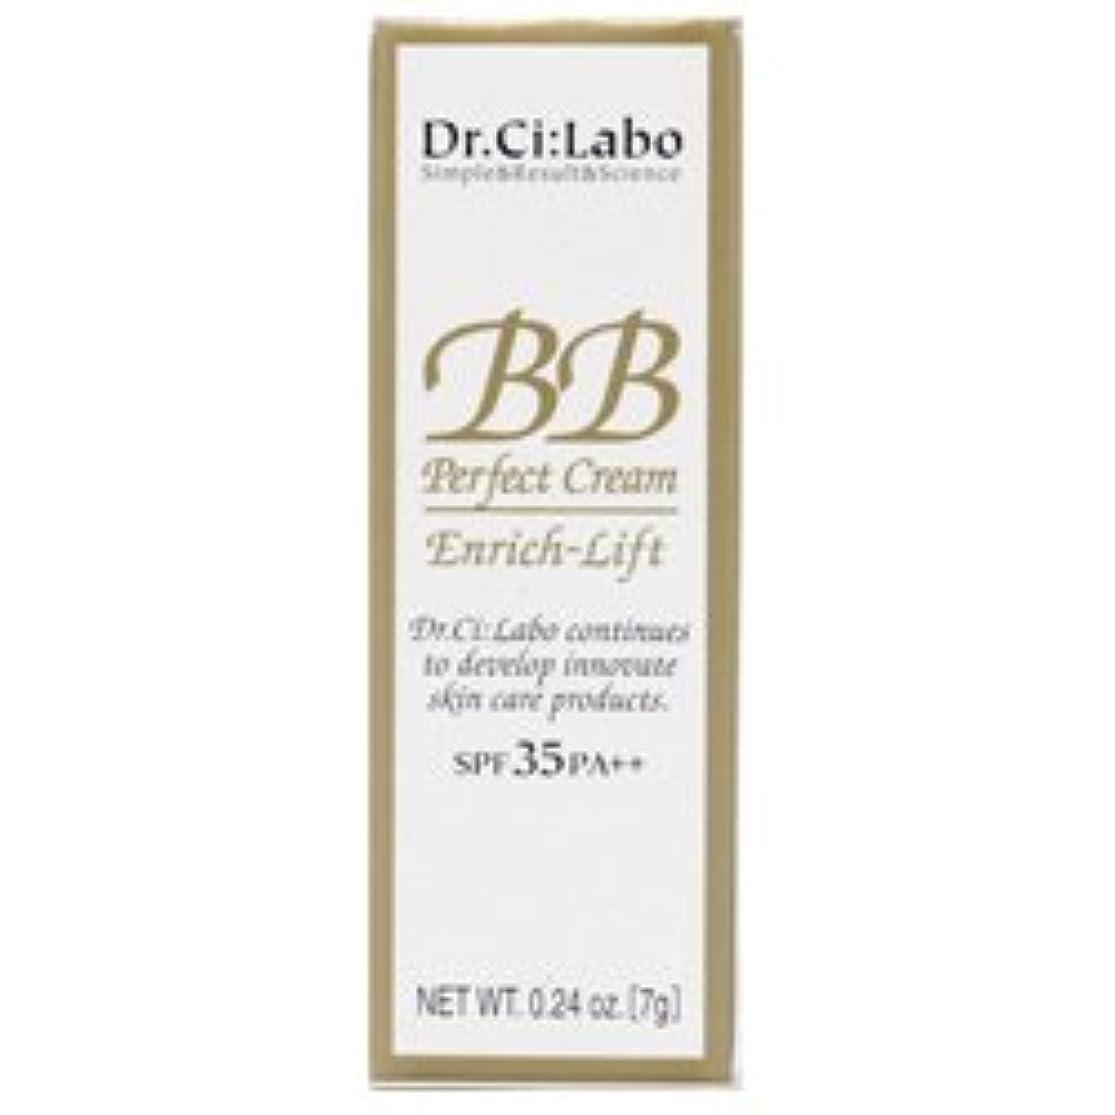 行マインドフル謙虚な【ミニサイズ 7g】 ドクターシーラボ Dr.Ci:Labo BBパーフェクトクリーム エンリッチリフトv SPF35 PA++